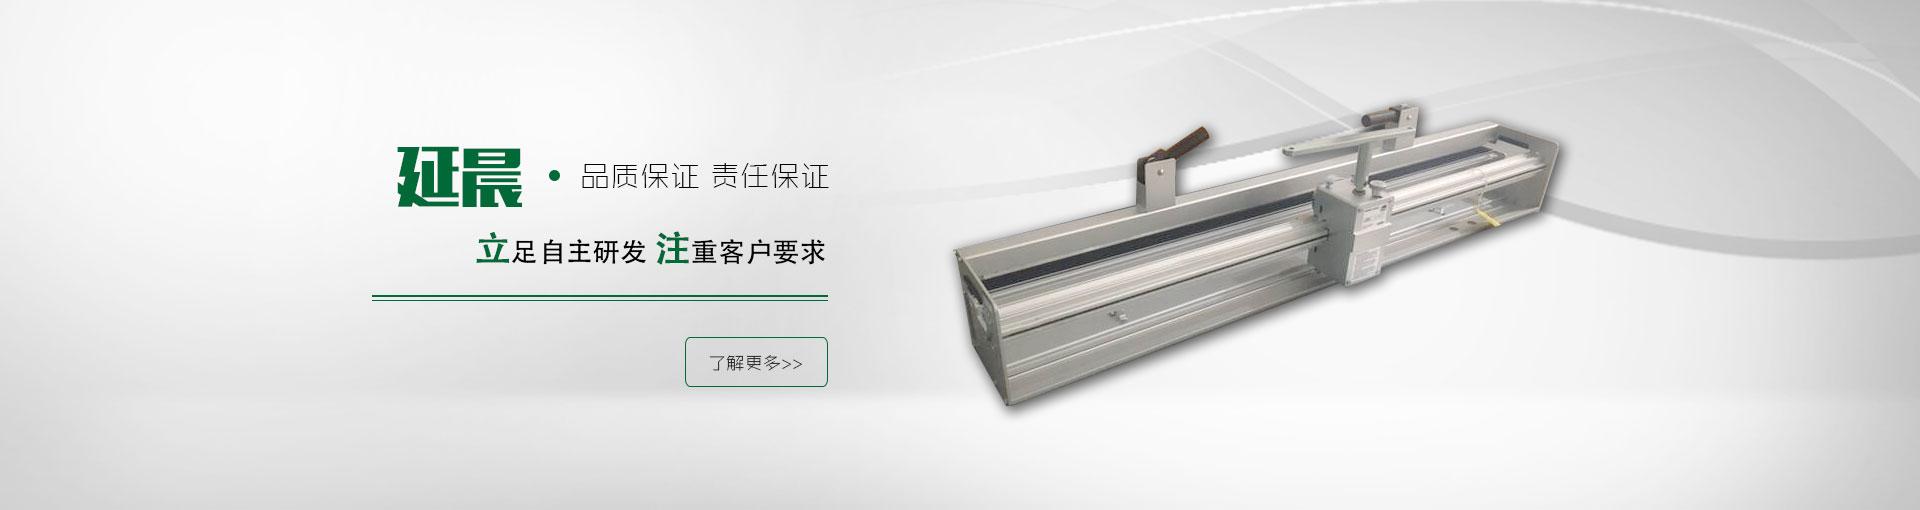 上海工业皮带